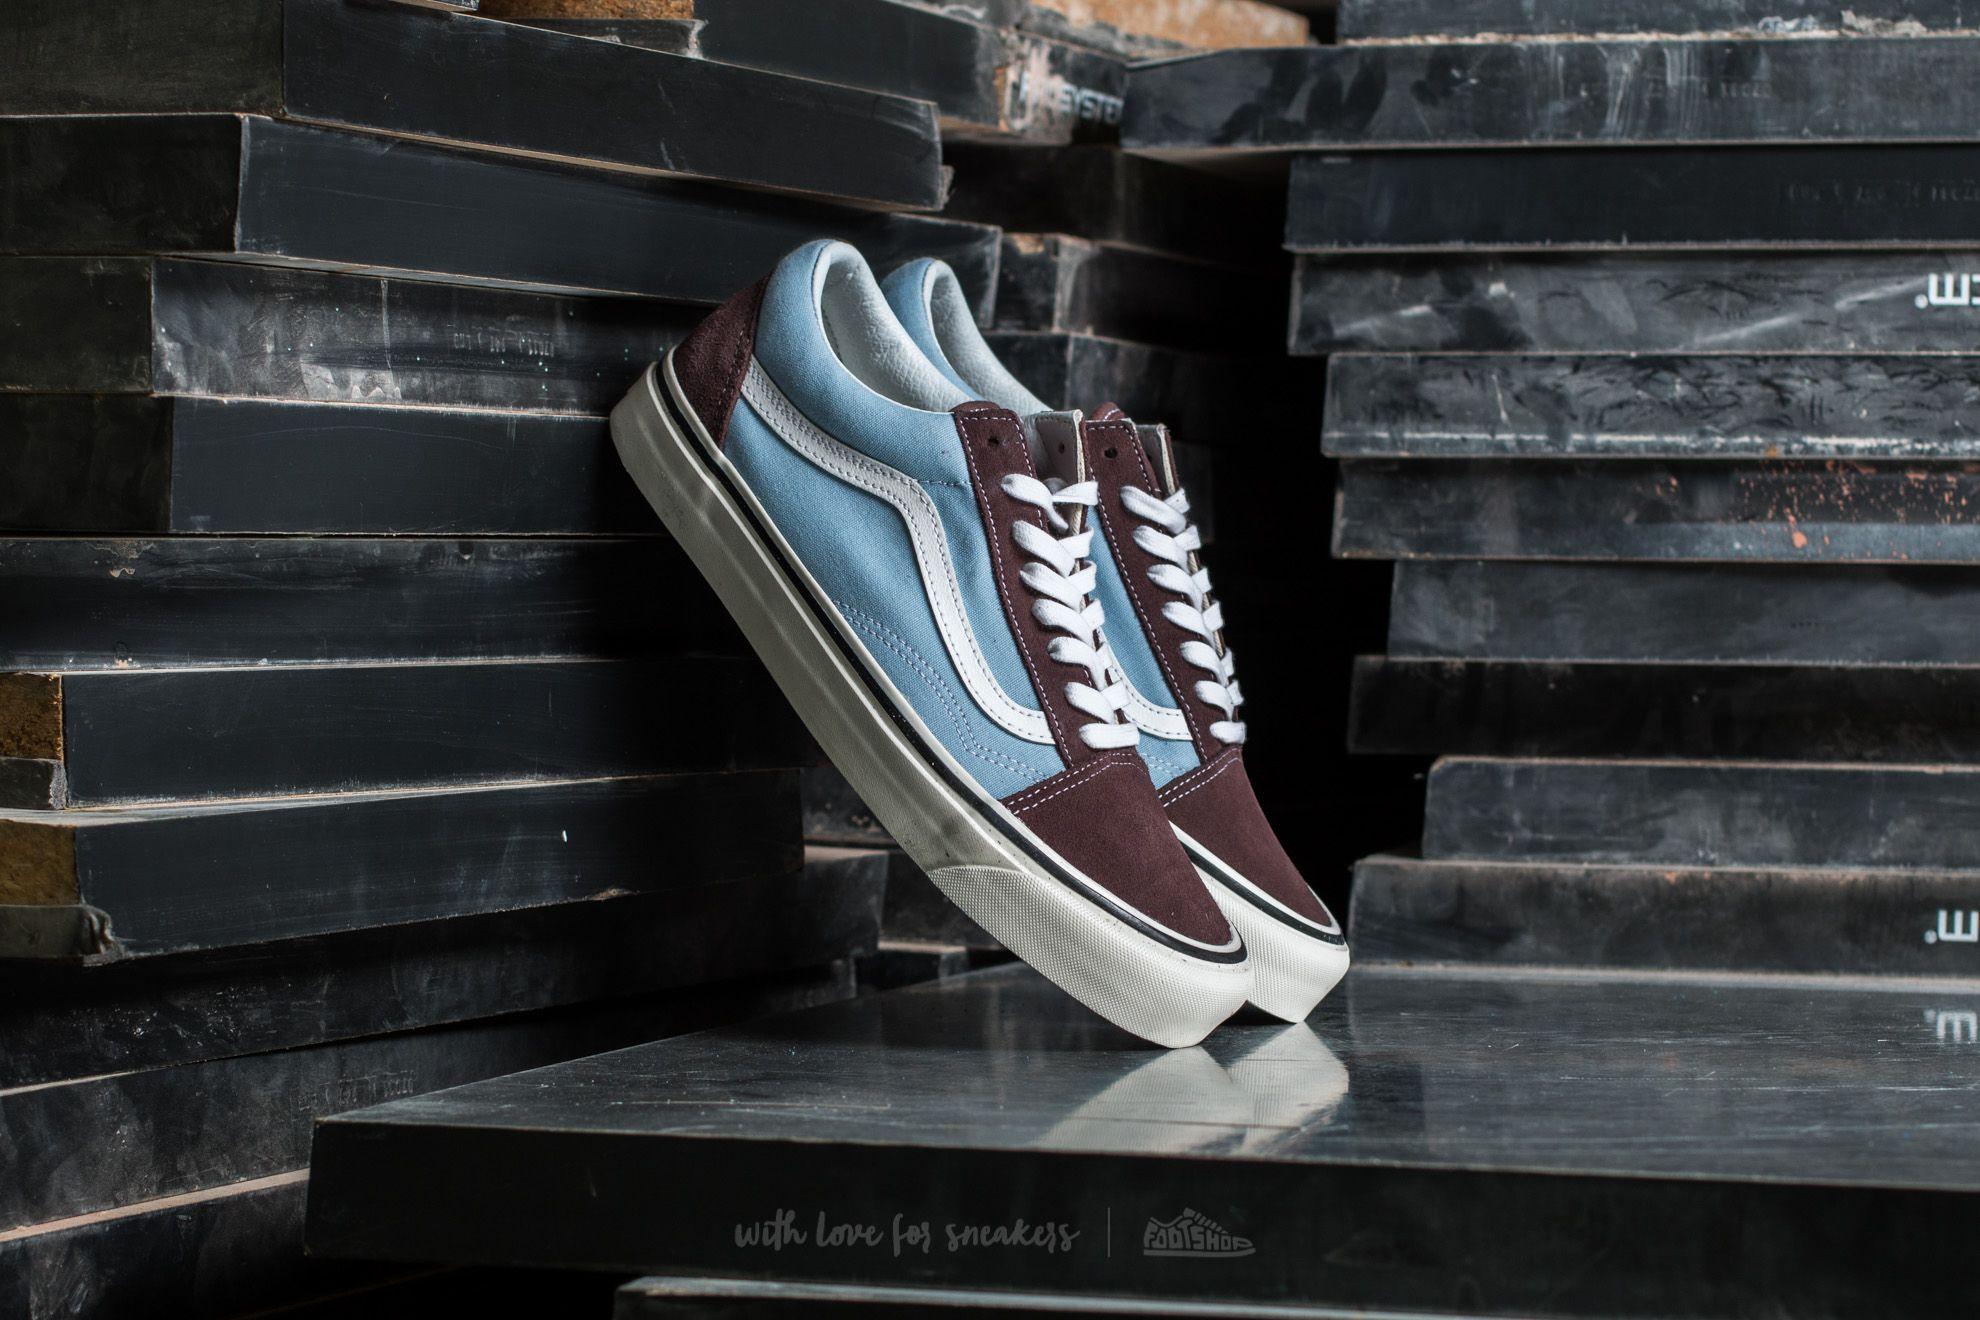 b1562e96413 Vans Old Skool 36 DX (Anaheim Factory) Brown  Light Blue